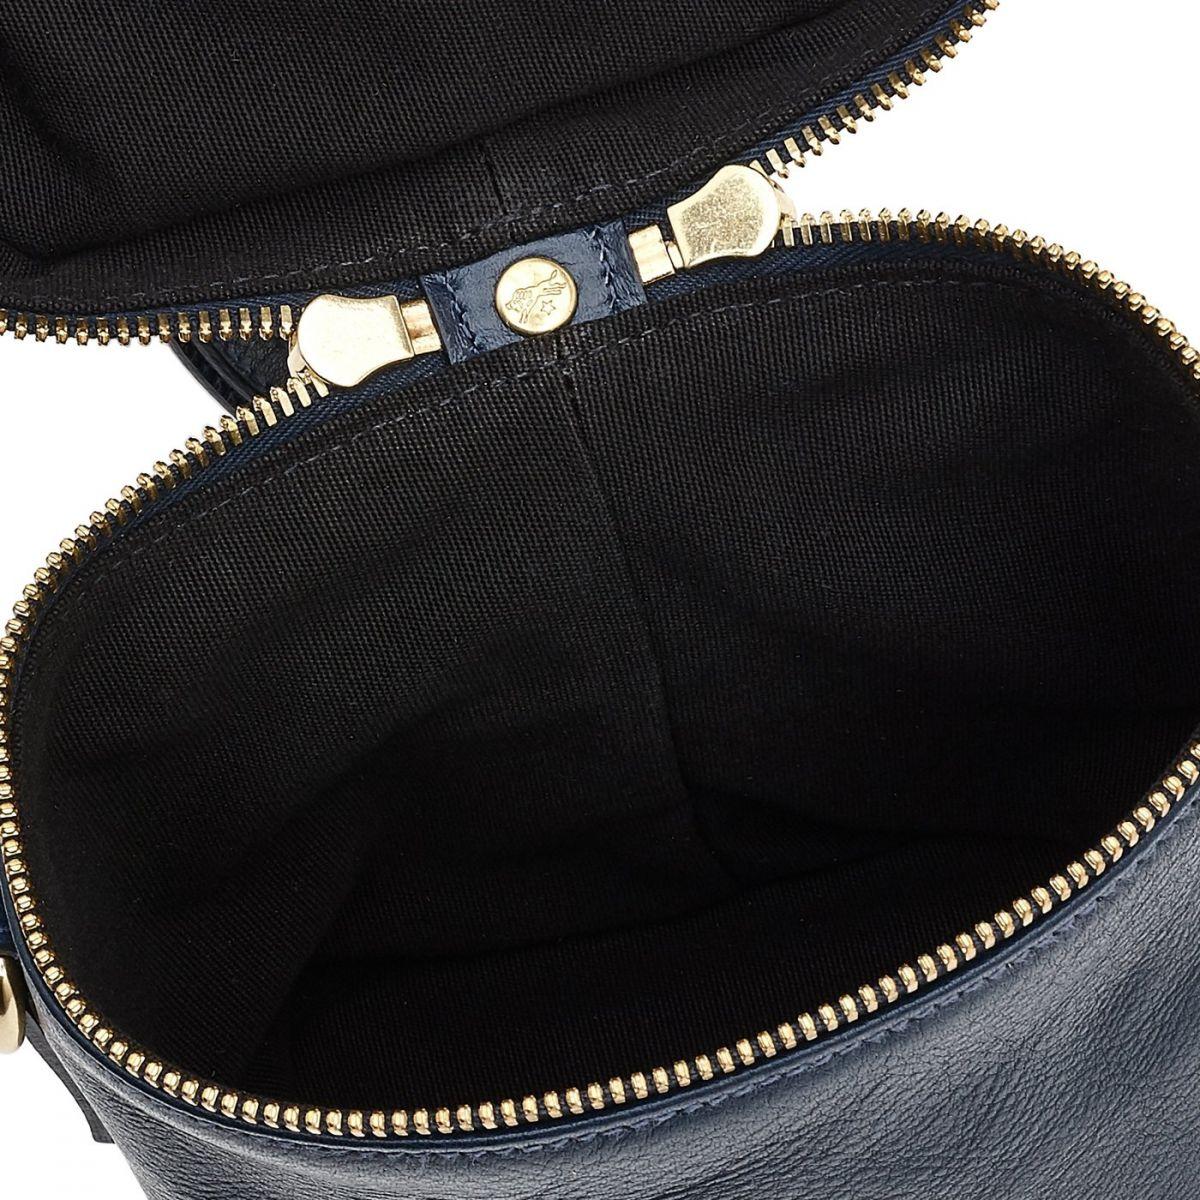 Sac Bandouliere pour Femme Pratolino en Cuir De Vachette Doublé BCR084 couleur Bleu | Details